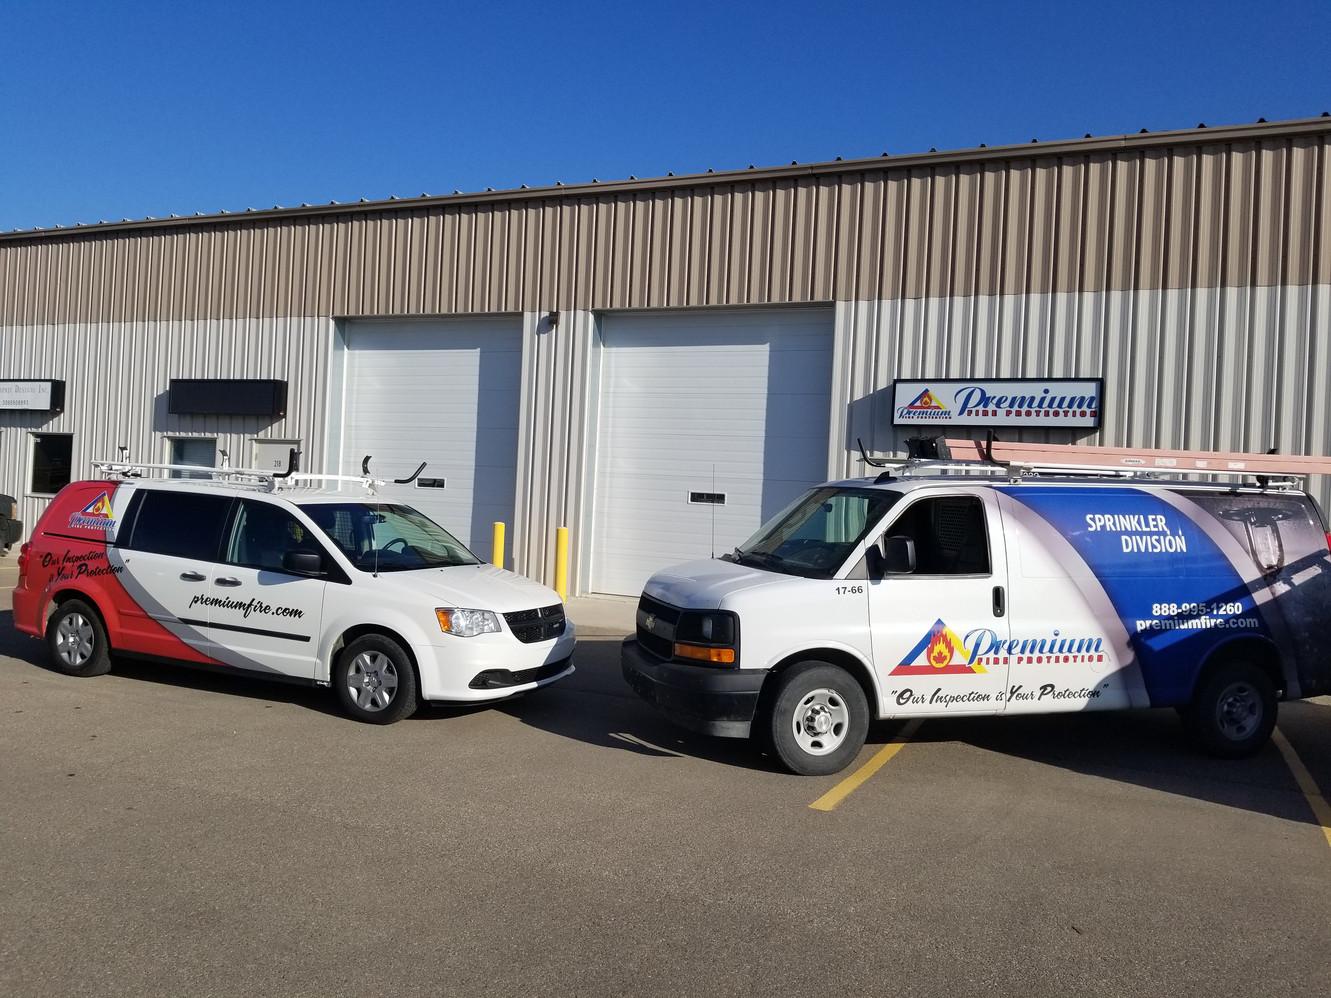 Premium Fire Saskatoon Office